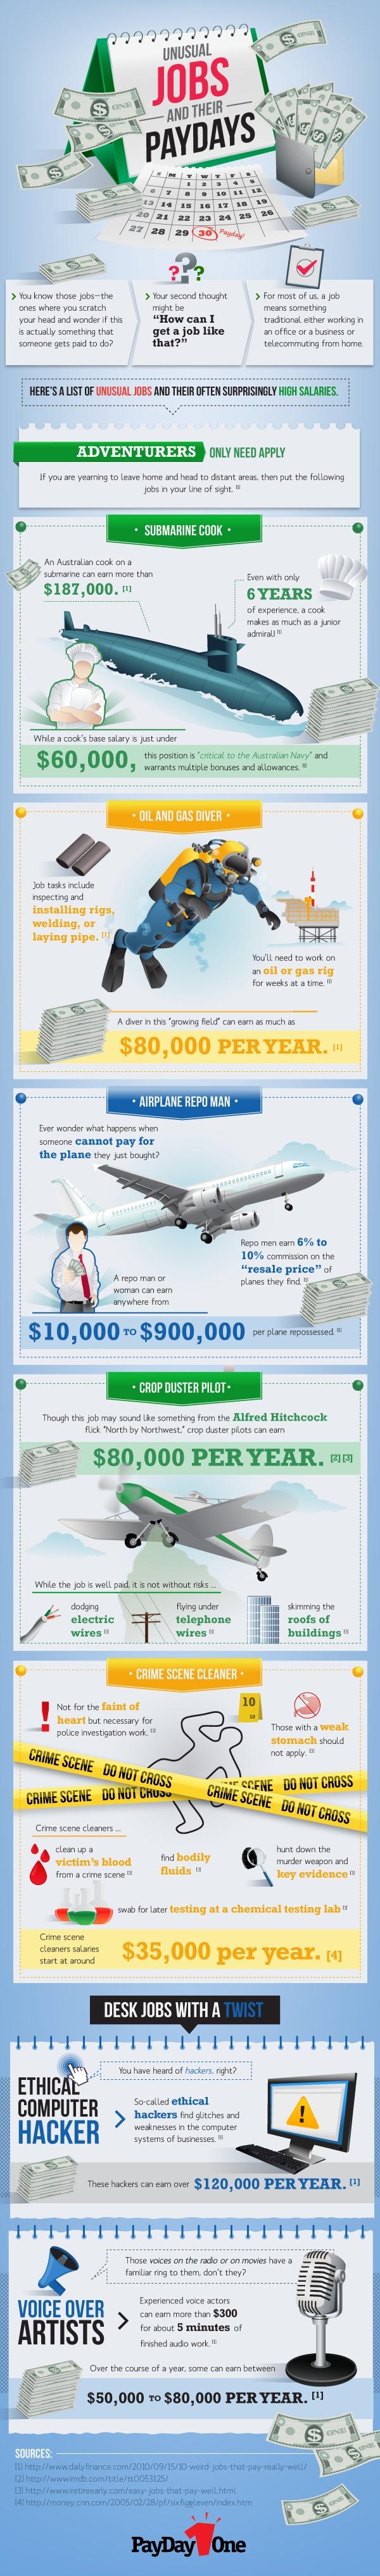 Trabajos raros y sus salarios #infgrafia#infographic